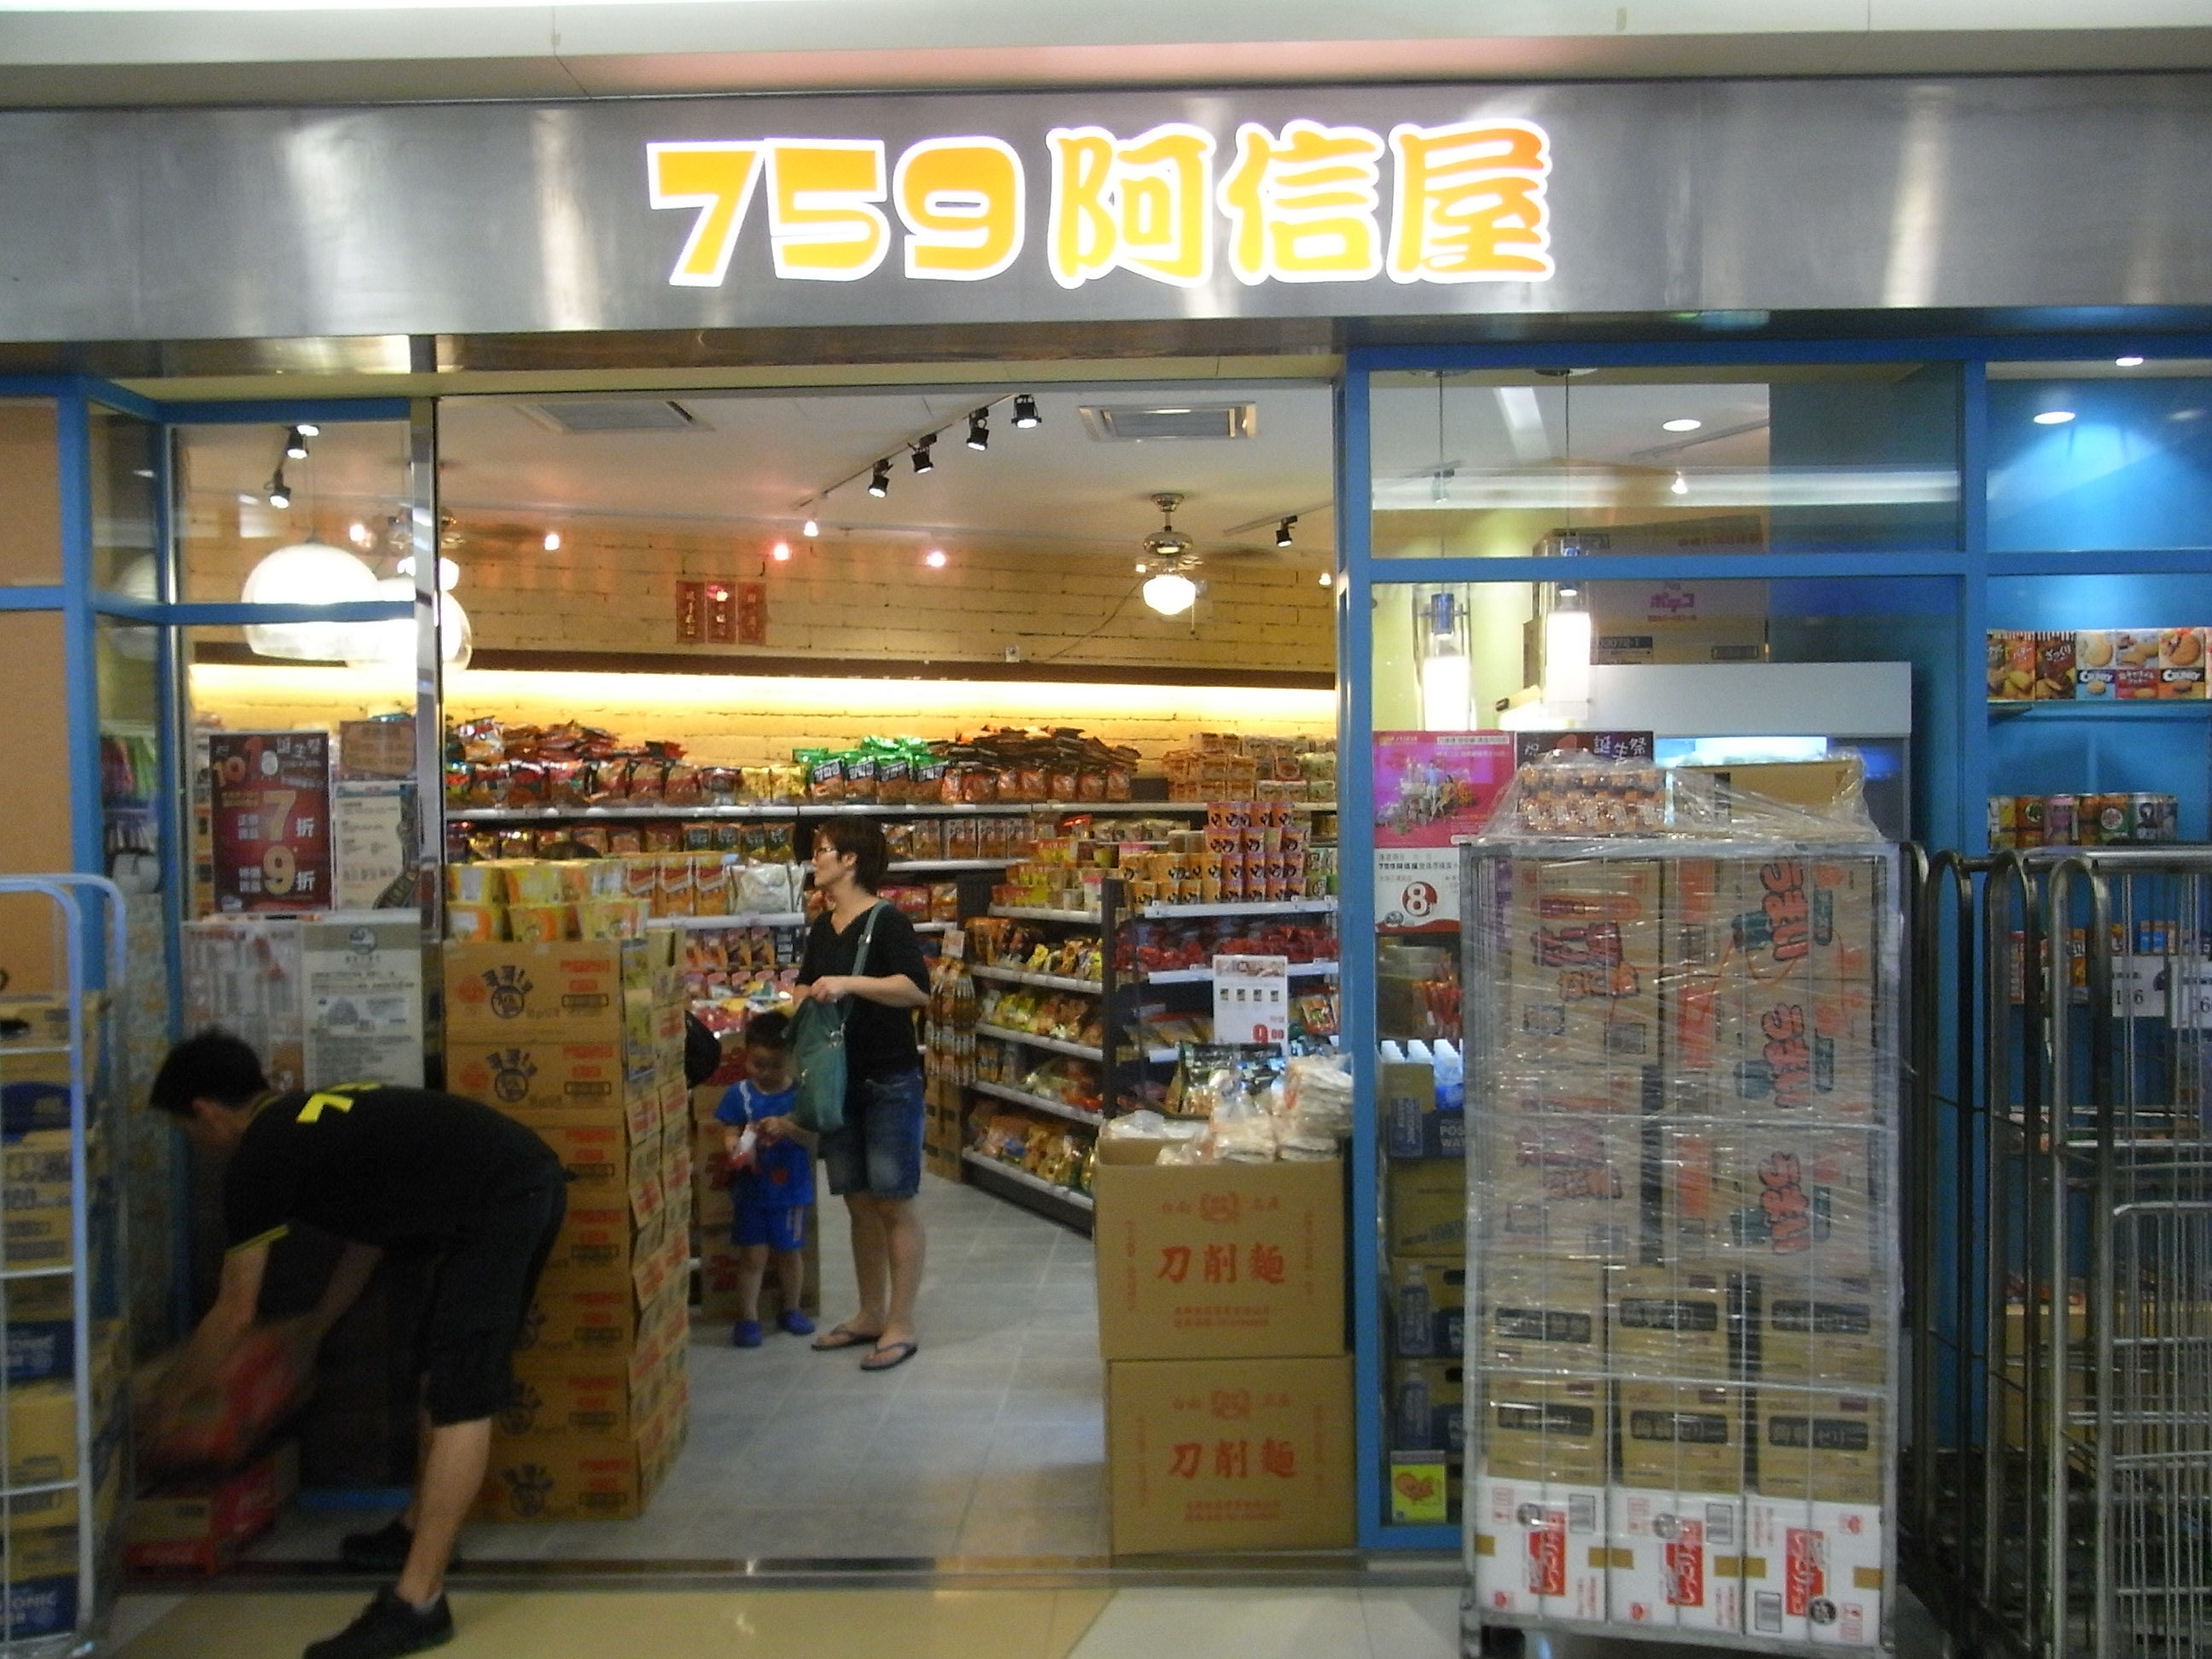 Hong Kong Small Room The Guiadian